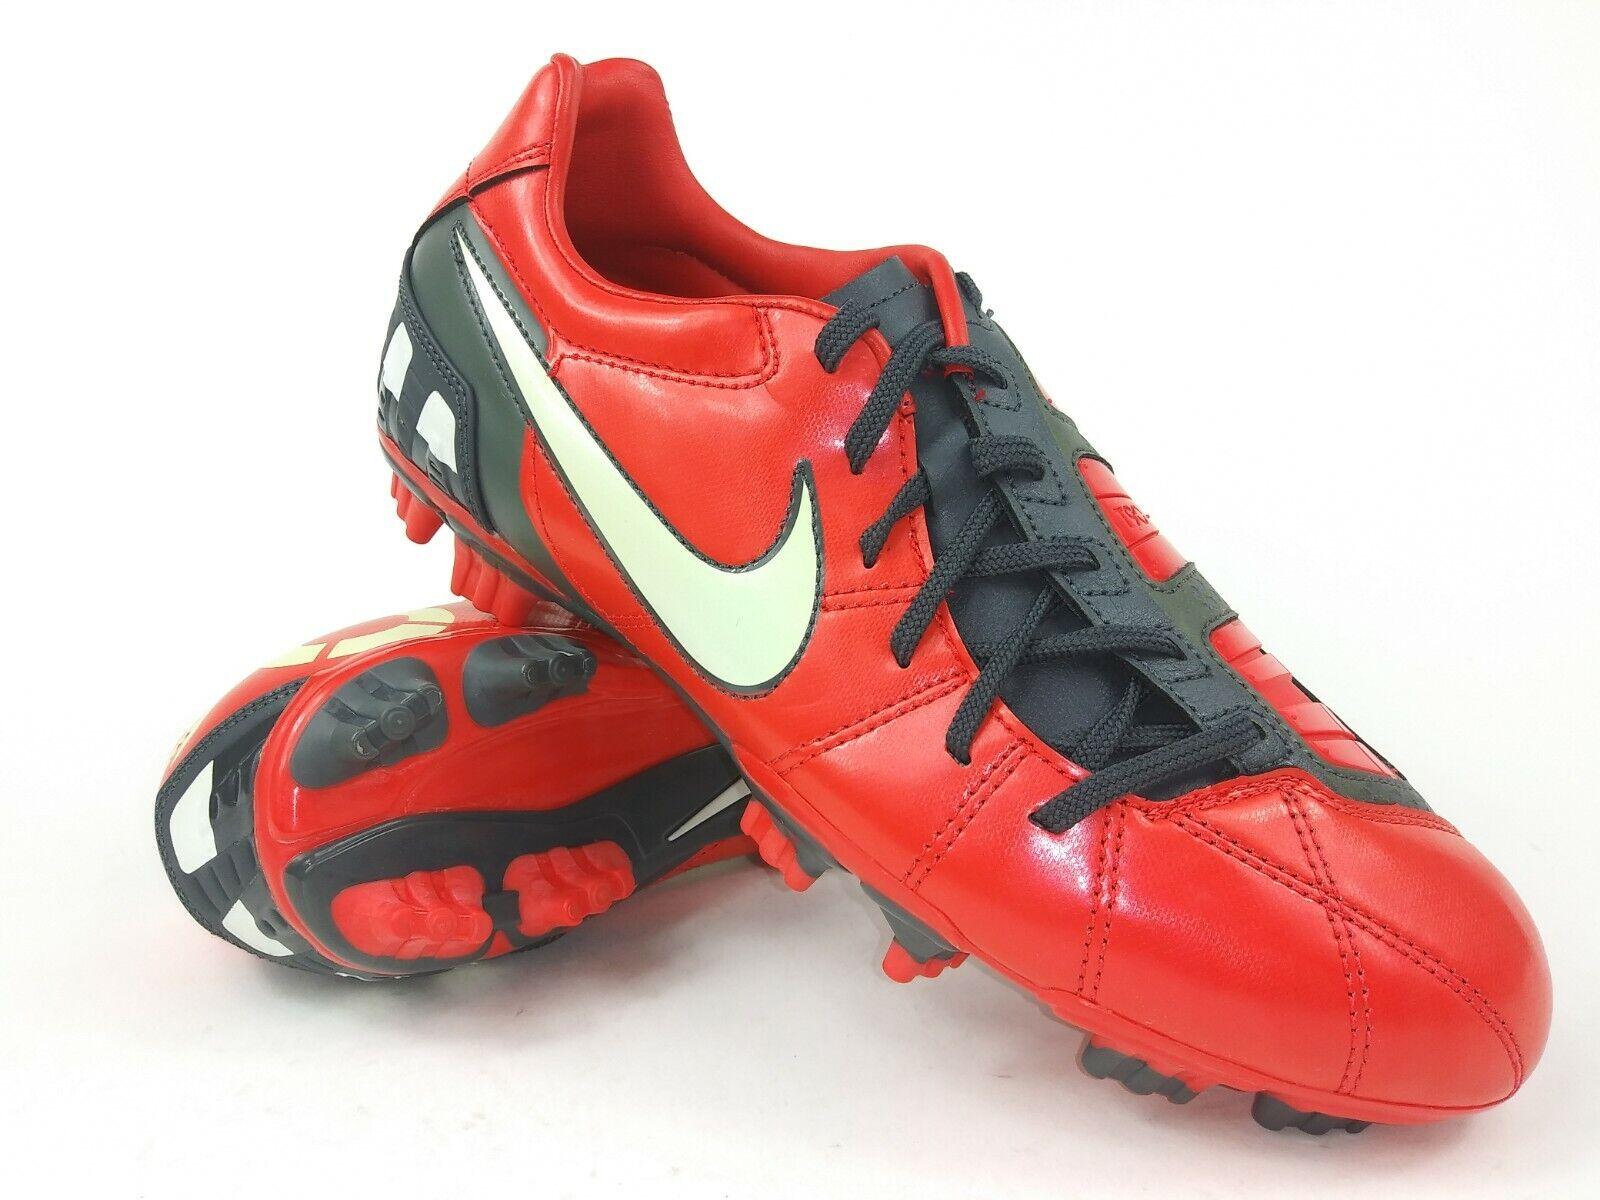 Nike Hombre Raro total 90 disparar Lll FG 385402-611 Rojo blancoo Fútbol Fútbol Tacos